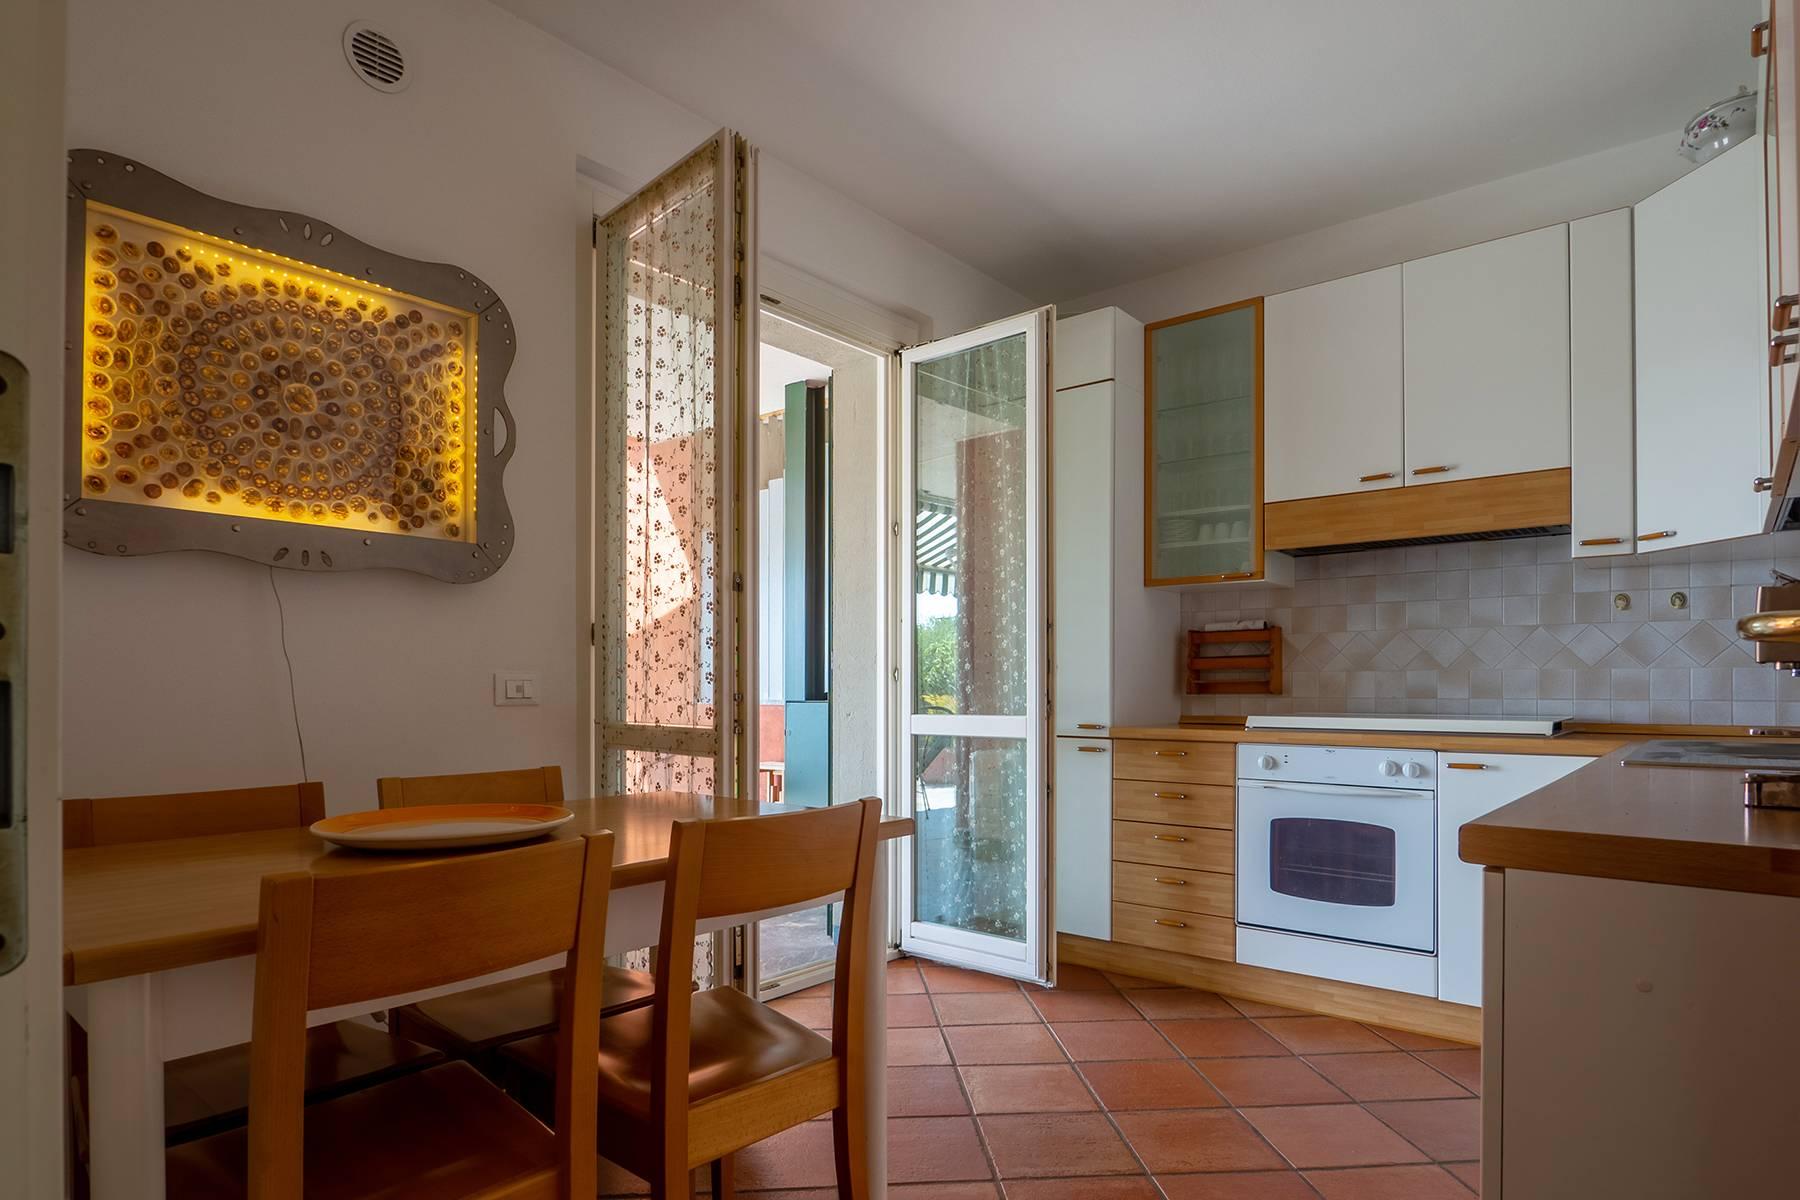 Appartamento in Vendita a Biella: 5 locali, 250 mq - Foto 13